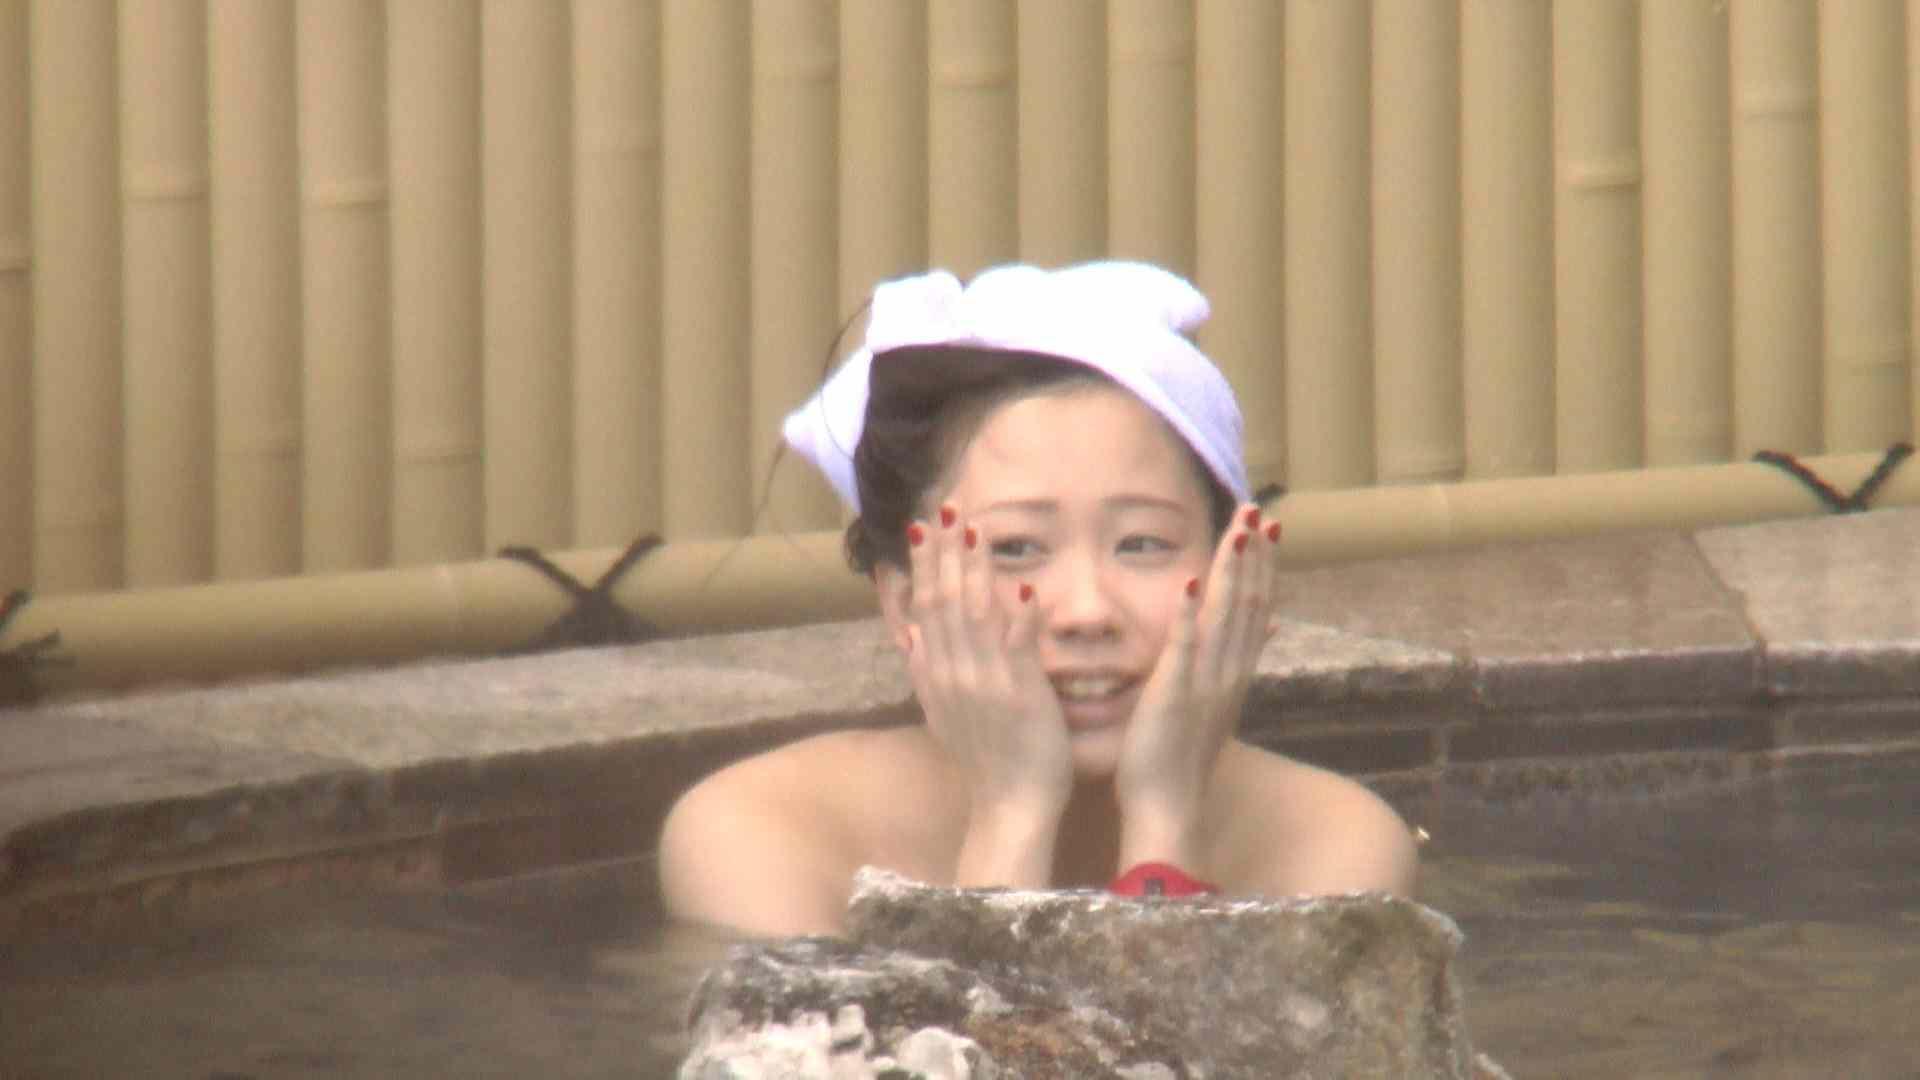 Aquaな露天風呂Vol.211 盗撮 オメコ動画キャプチャ 91連発 86